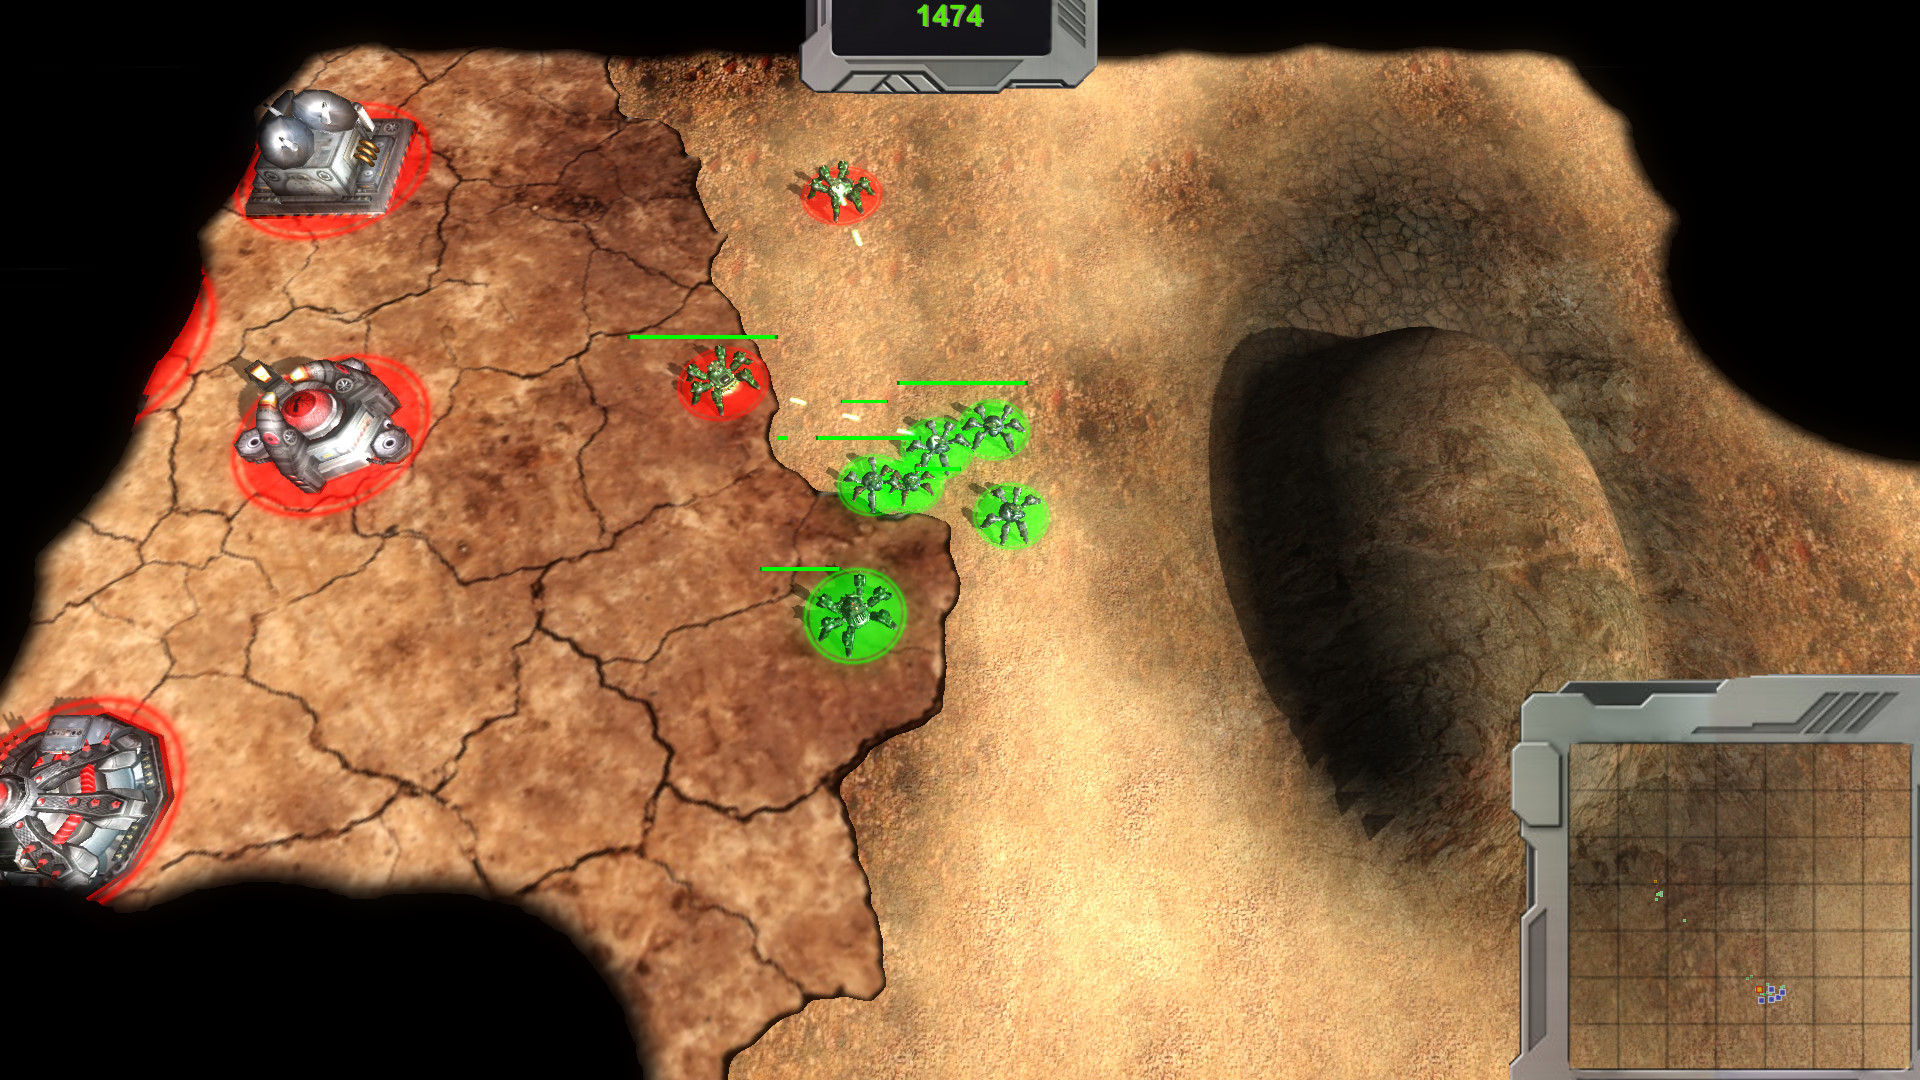 Spider-Robots War screenshot